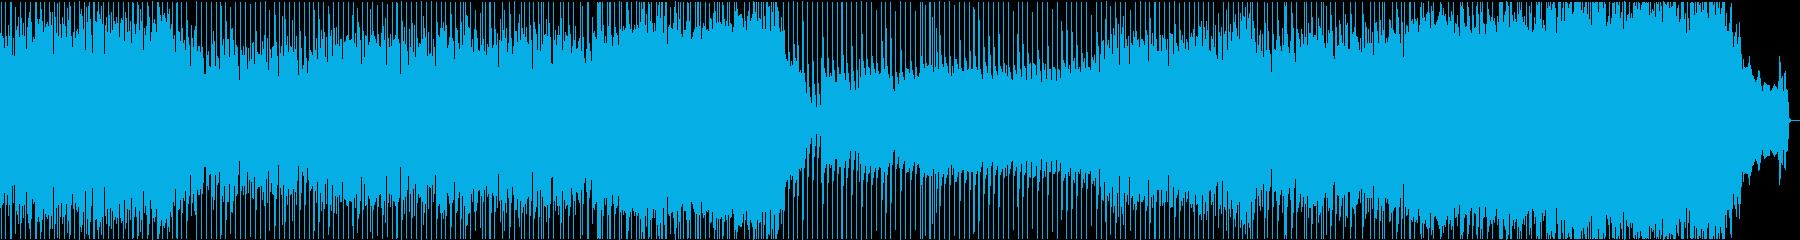 明るくPOP、軽快なギターサウンドの再生済みの波形